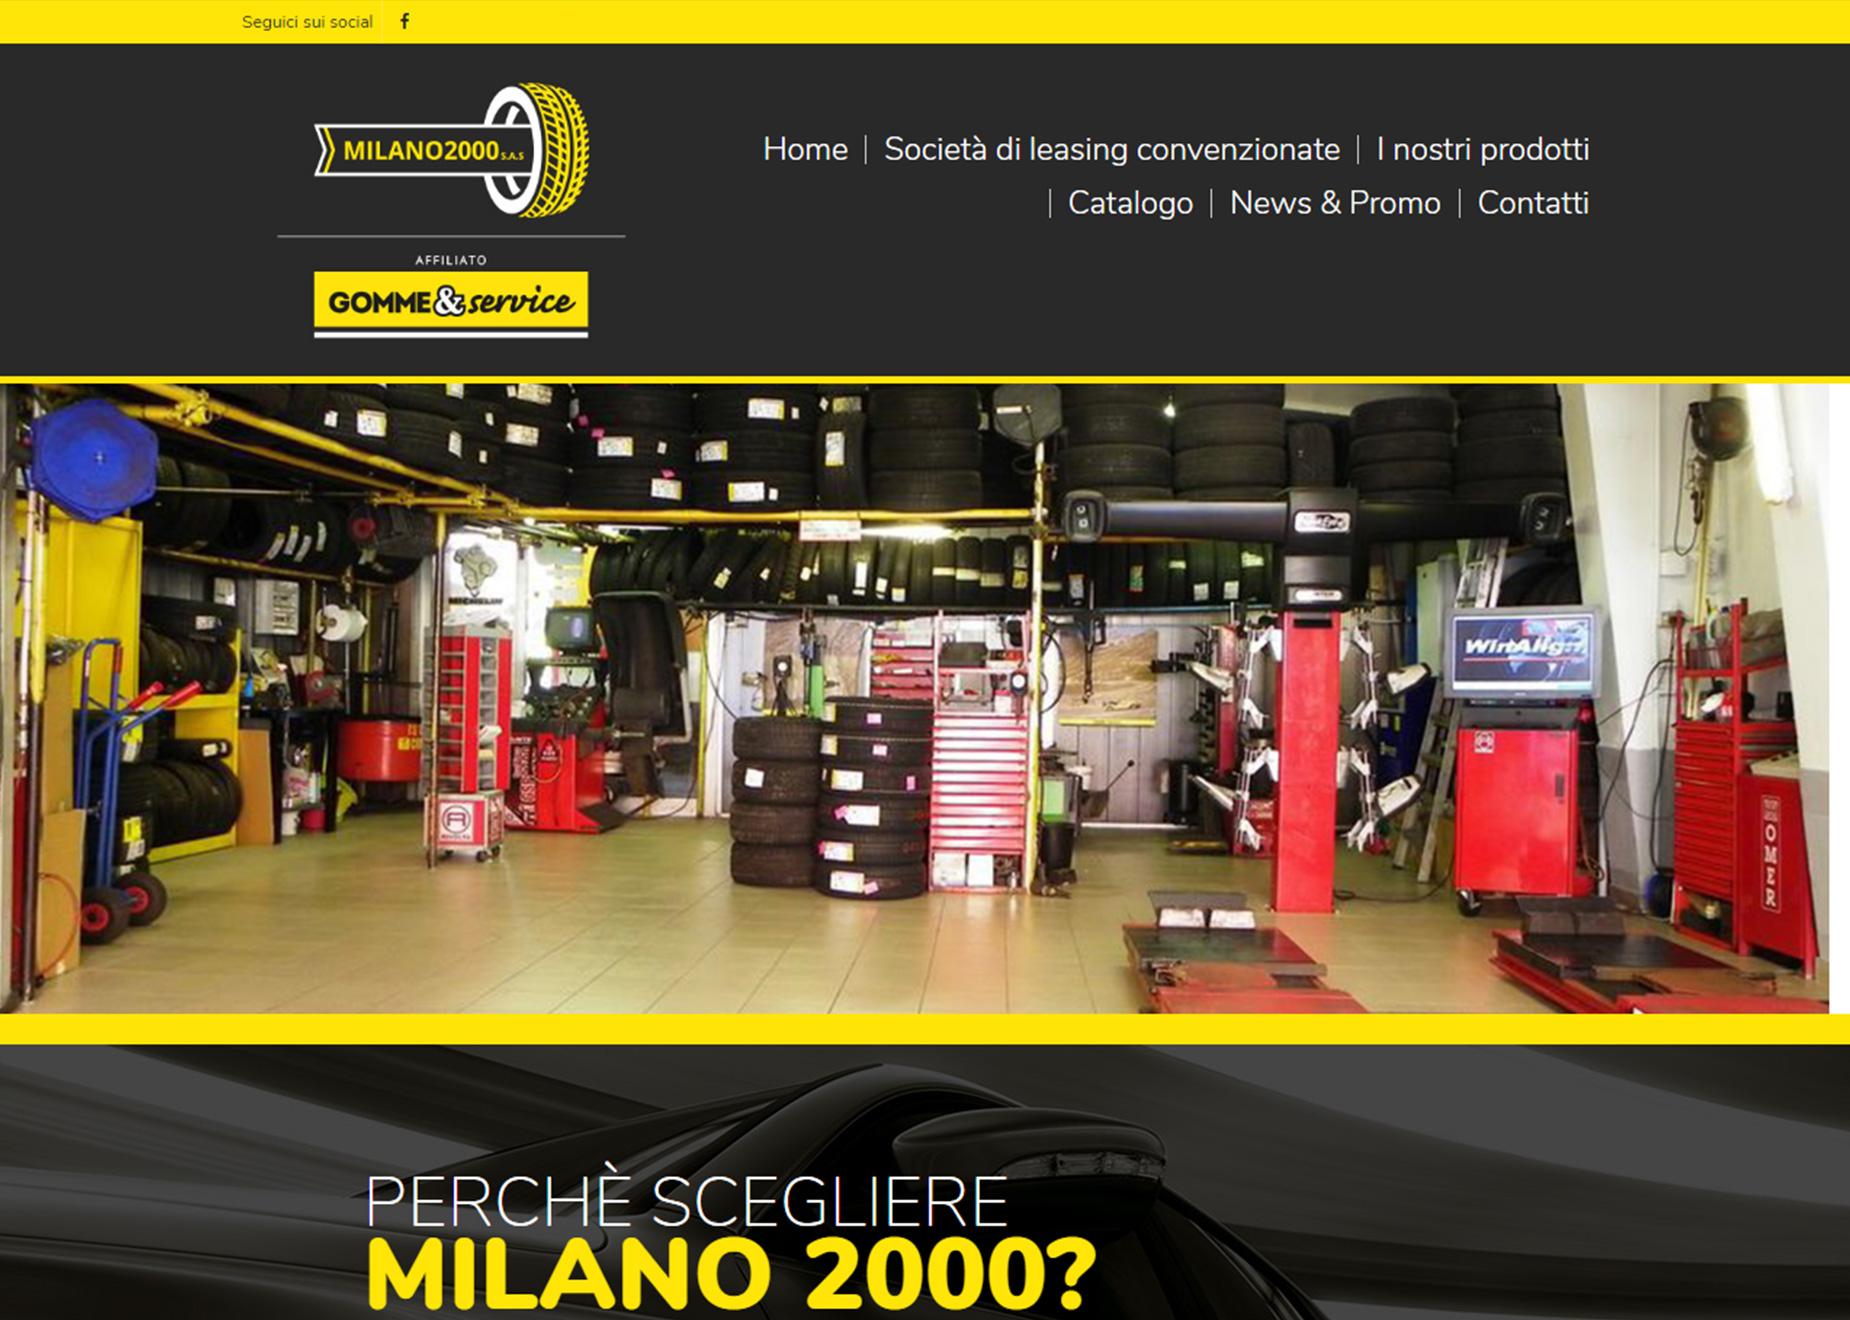 milano2000